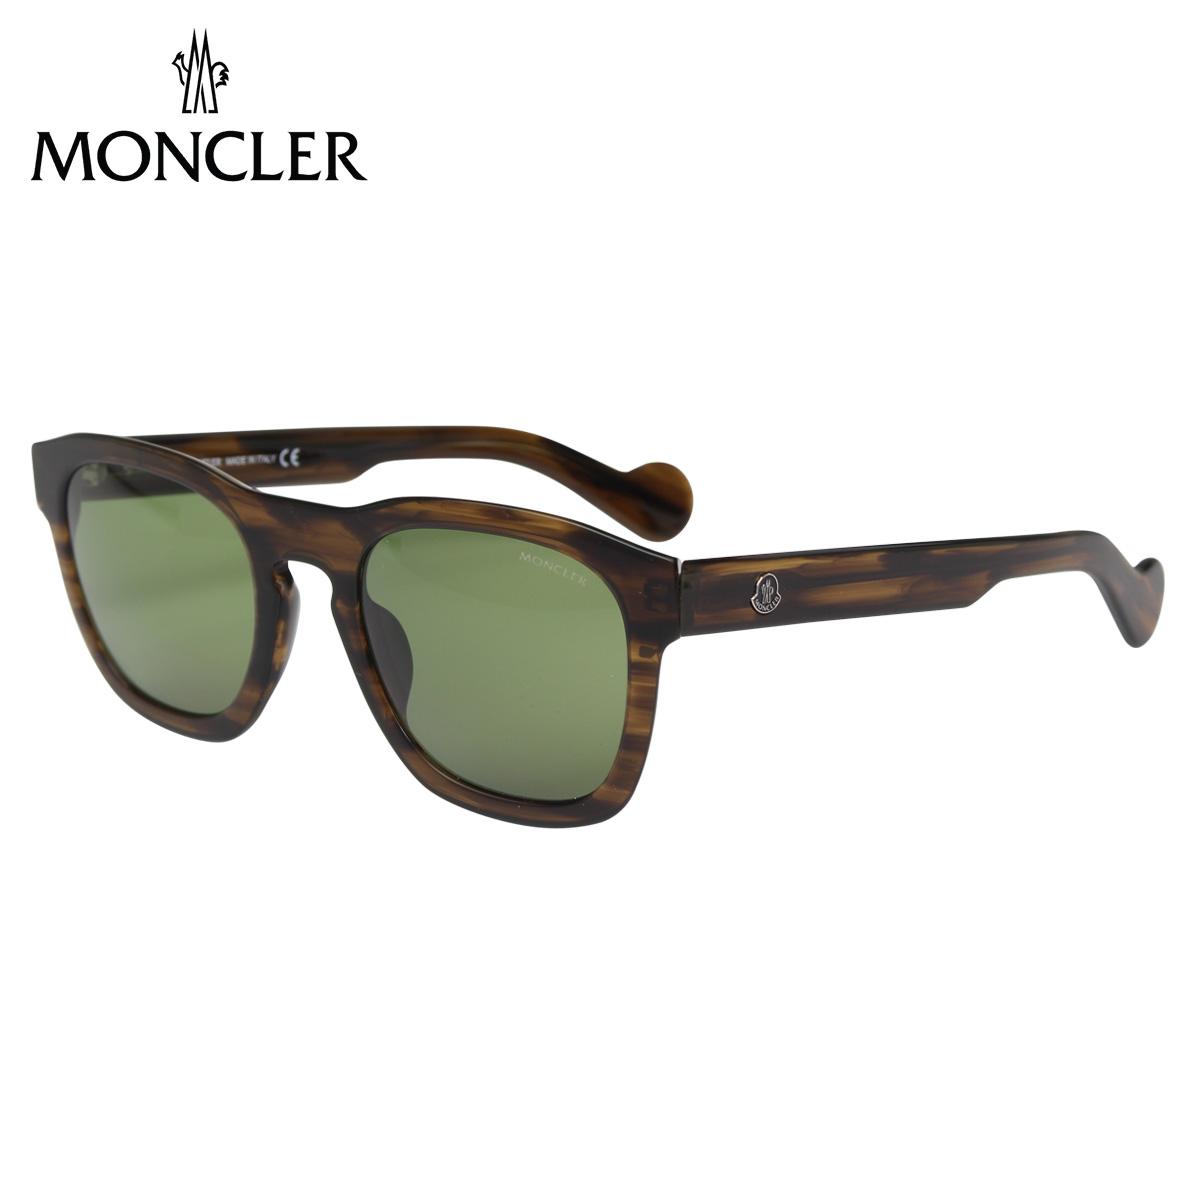 MONCLER SUNGLASSES モンクレール サングラス メンズ レディース UVカット ウェリントン ダーク ブラウン ML0093